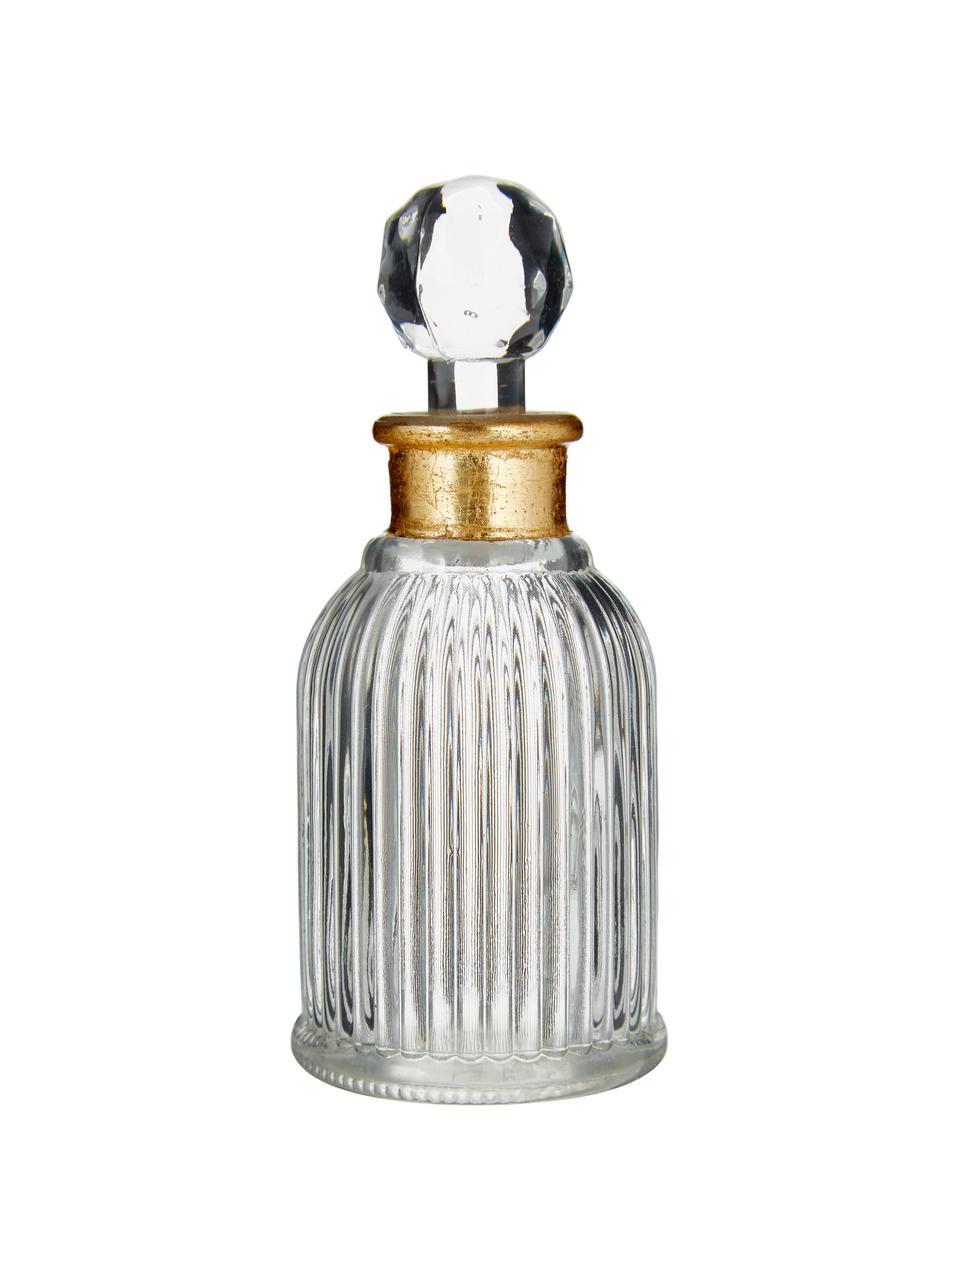 Deko-Flasche Rotira, Glas, lackiert, Transparent, Goldfarben, Ø 6 x H 14 cm